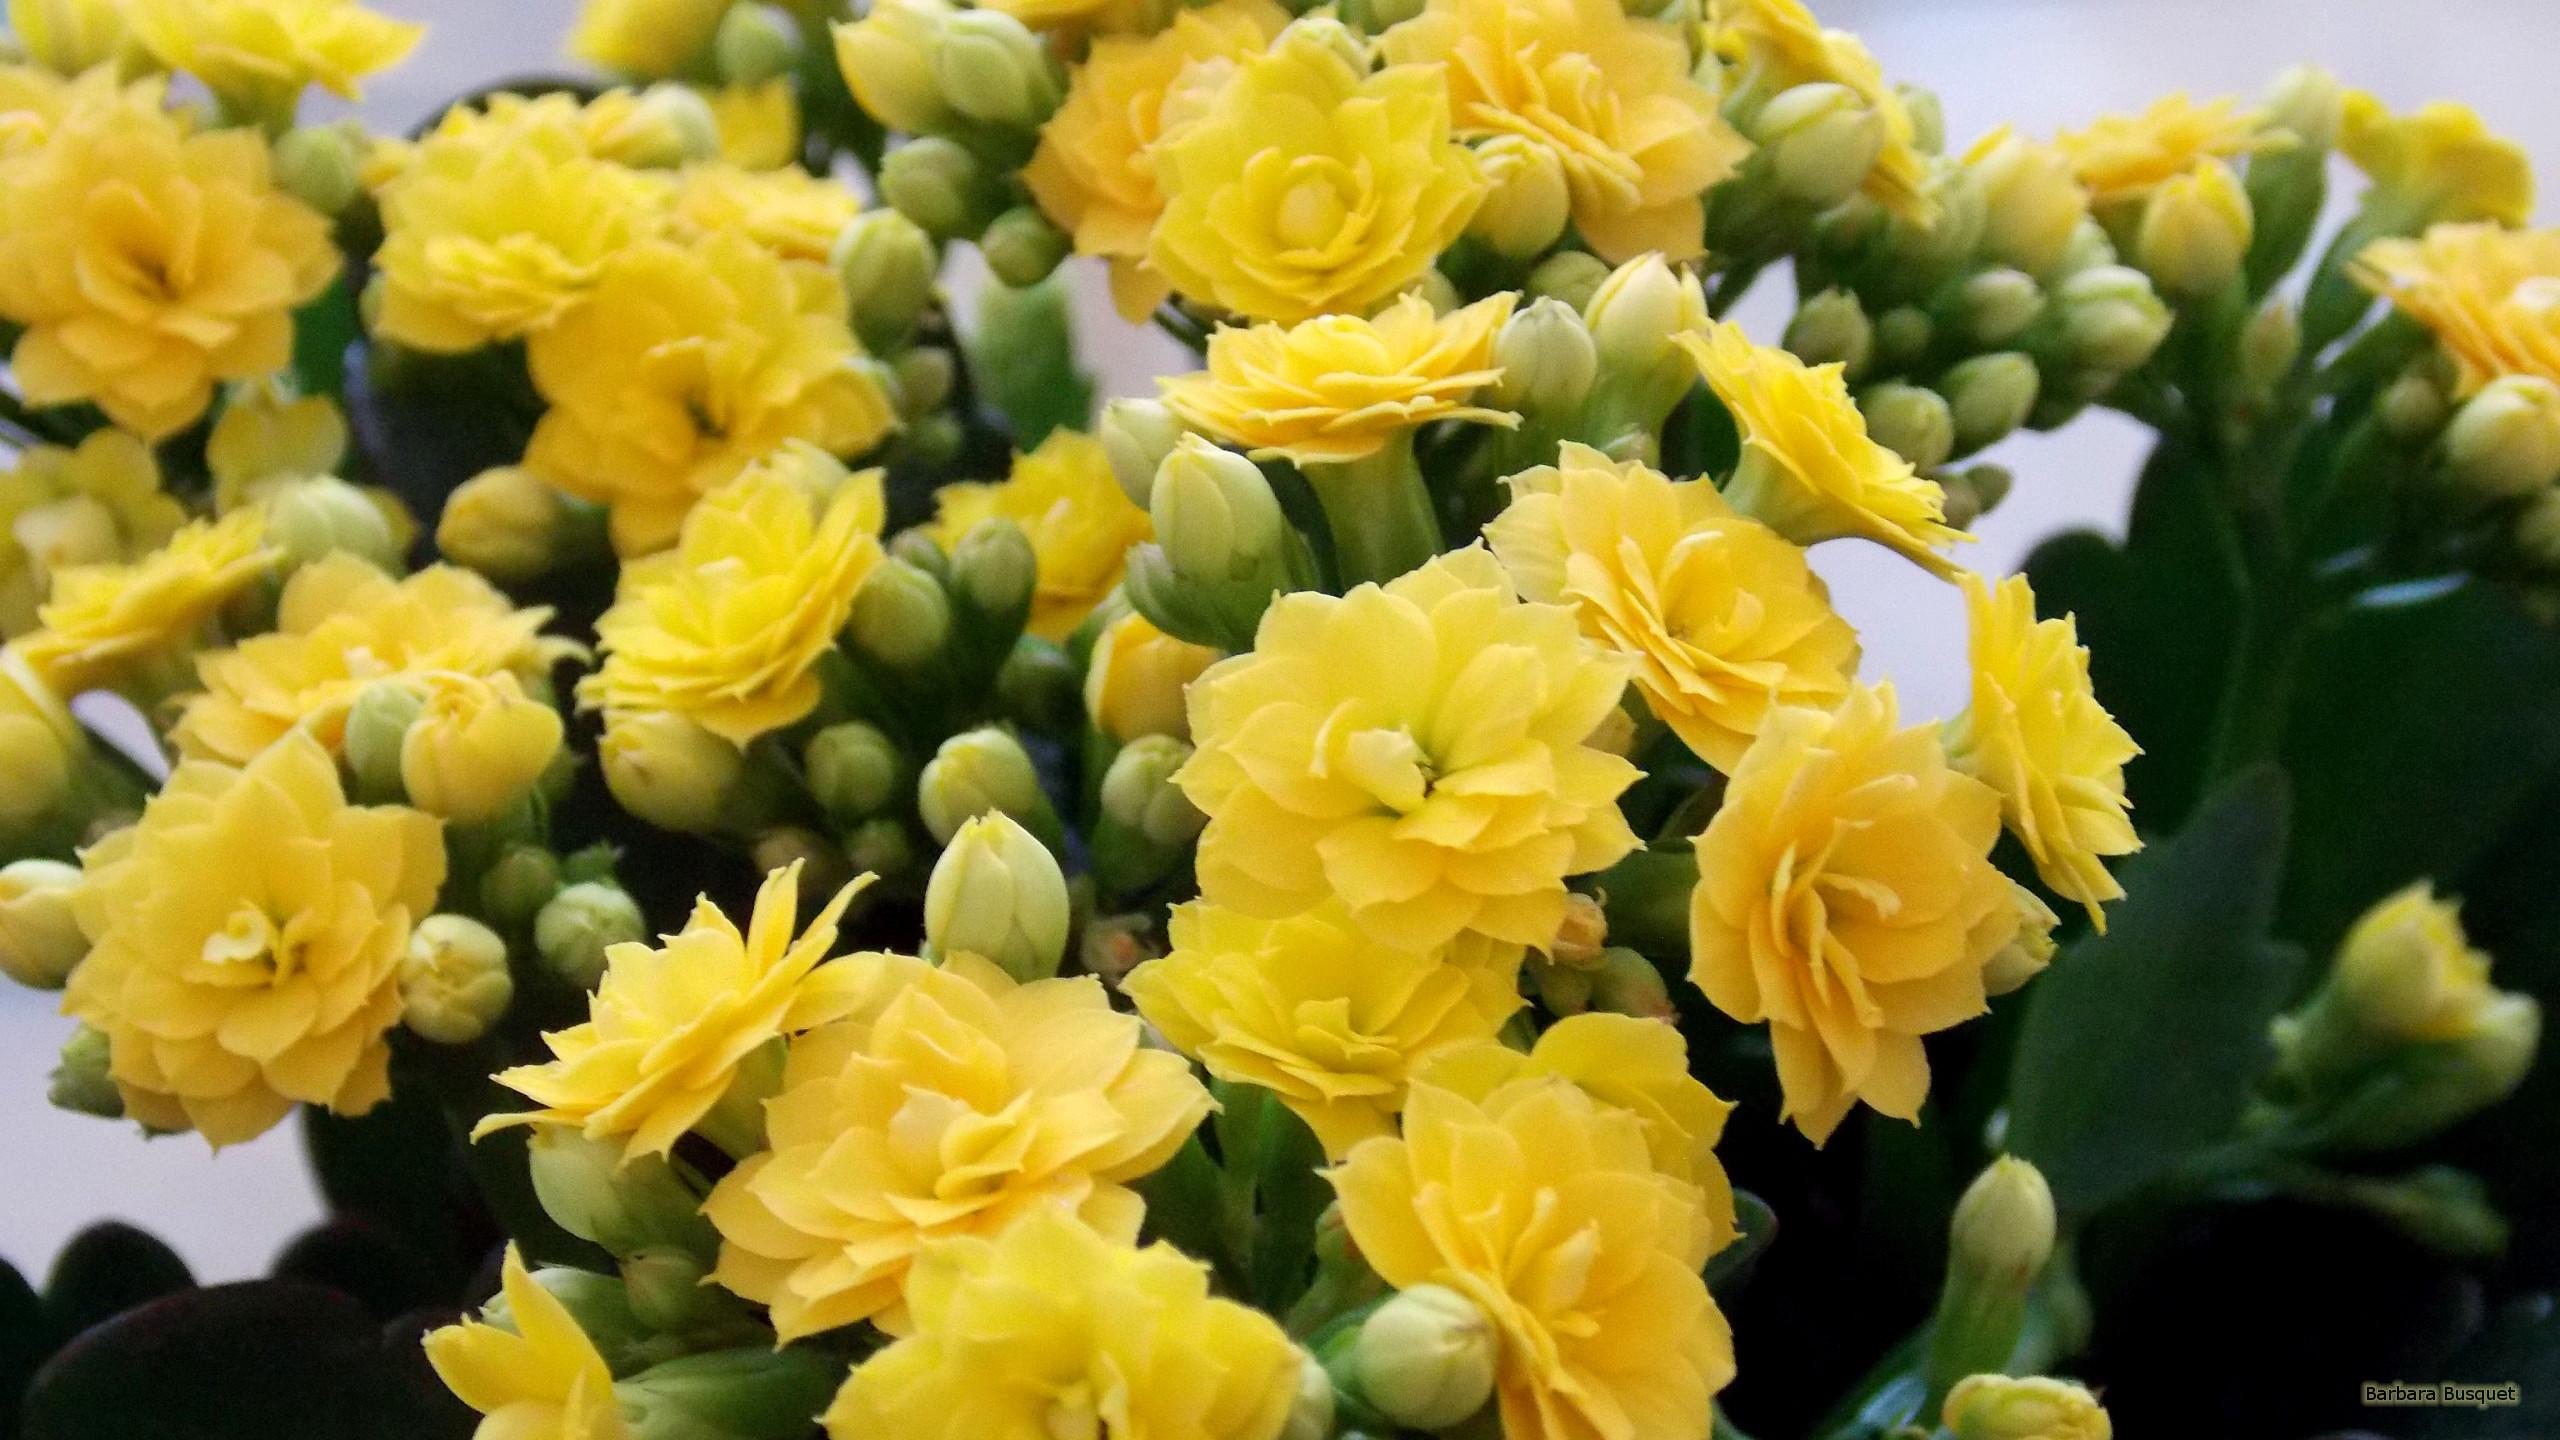 Hd wallpaper yellow flowers - Hd Wallpaper Yellow Flowers